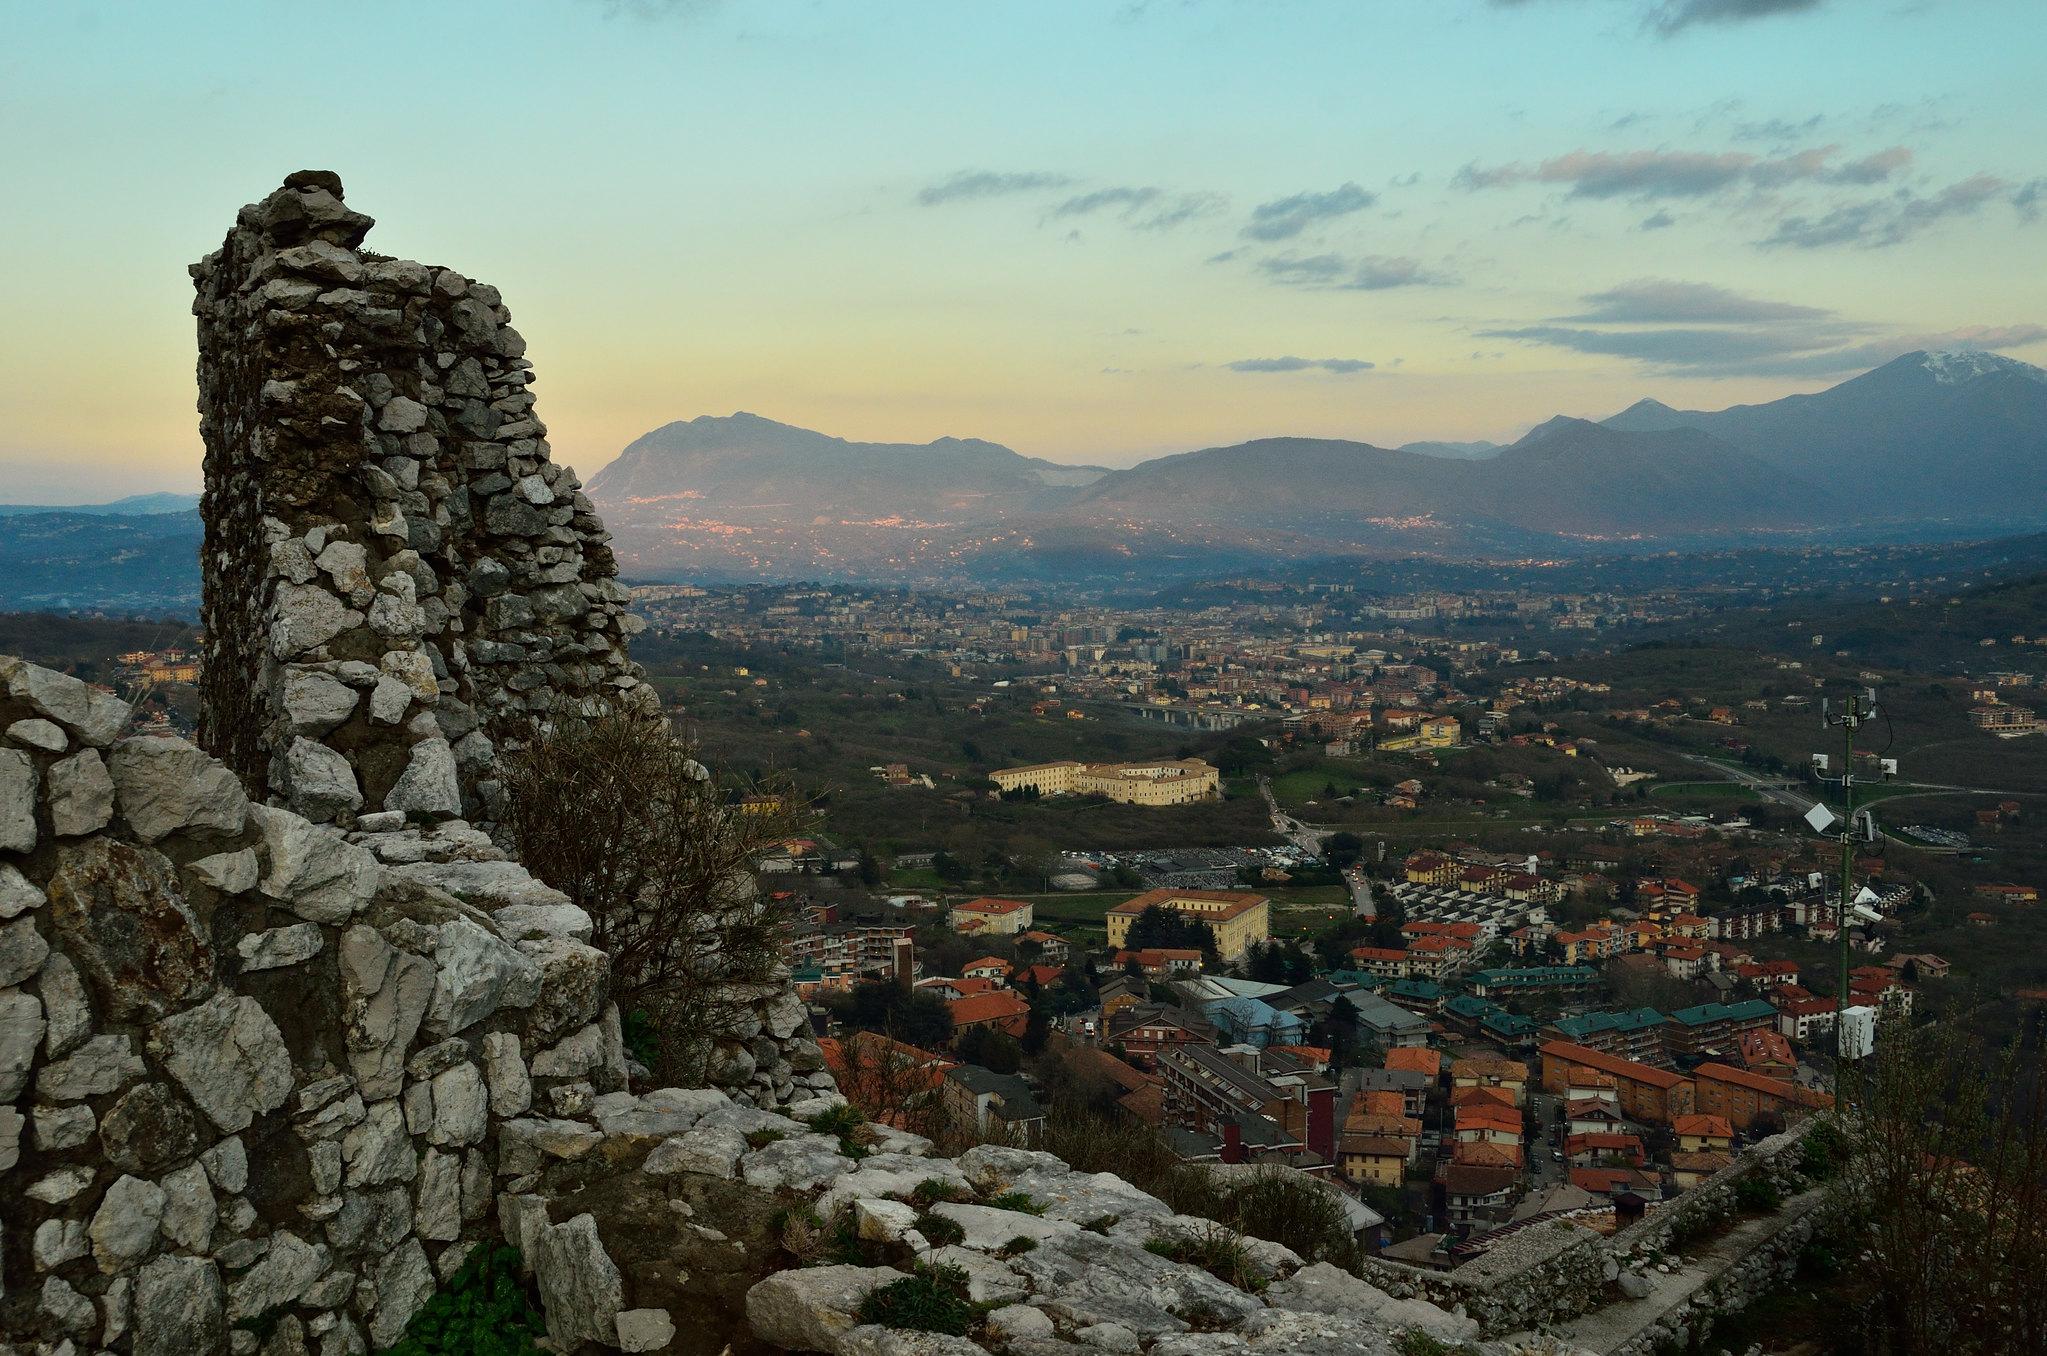 Offerte cenone di Capodanno con pernottamento in Campania: consigli